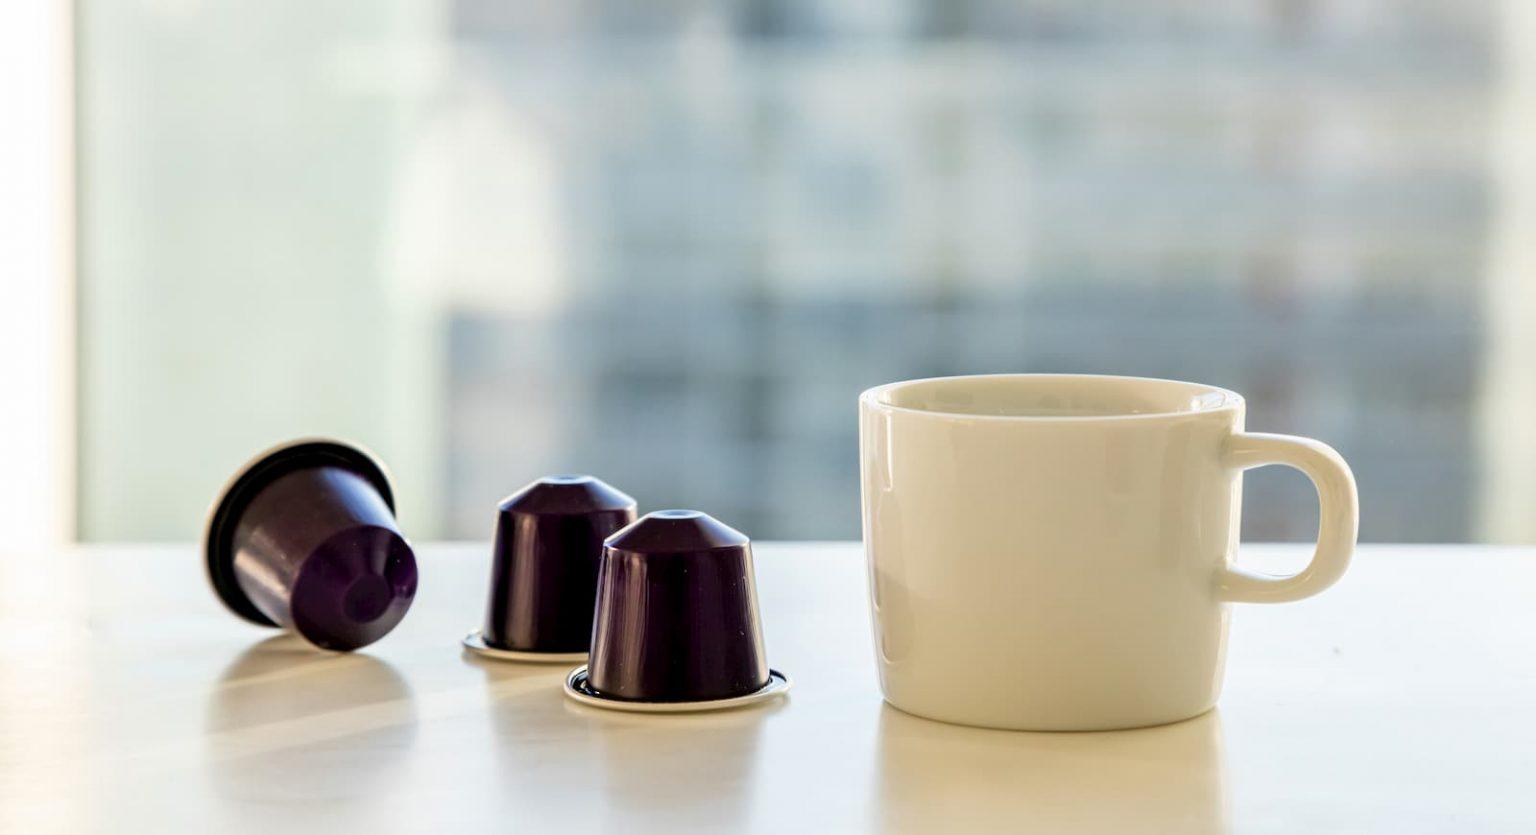 чашка белая и капсулы